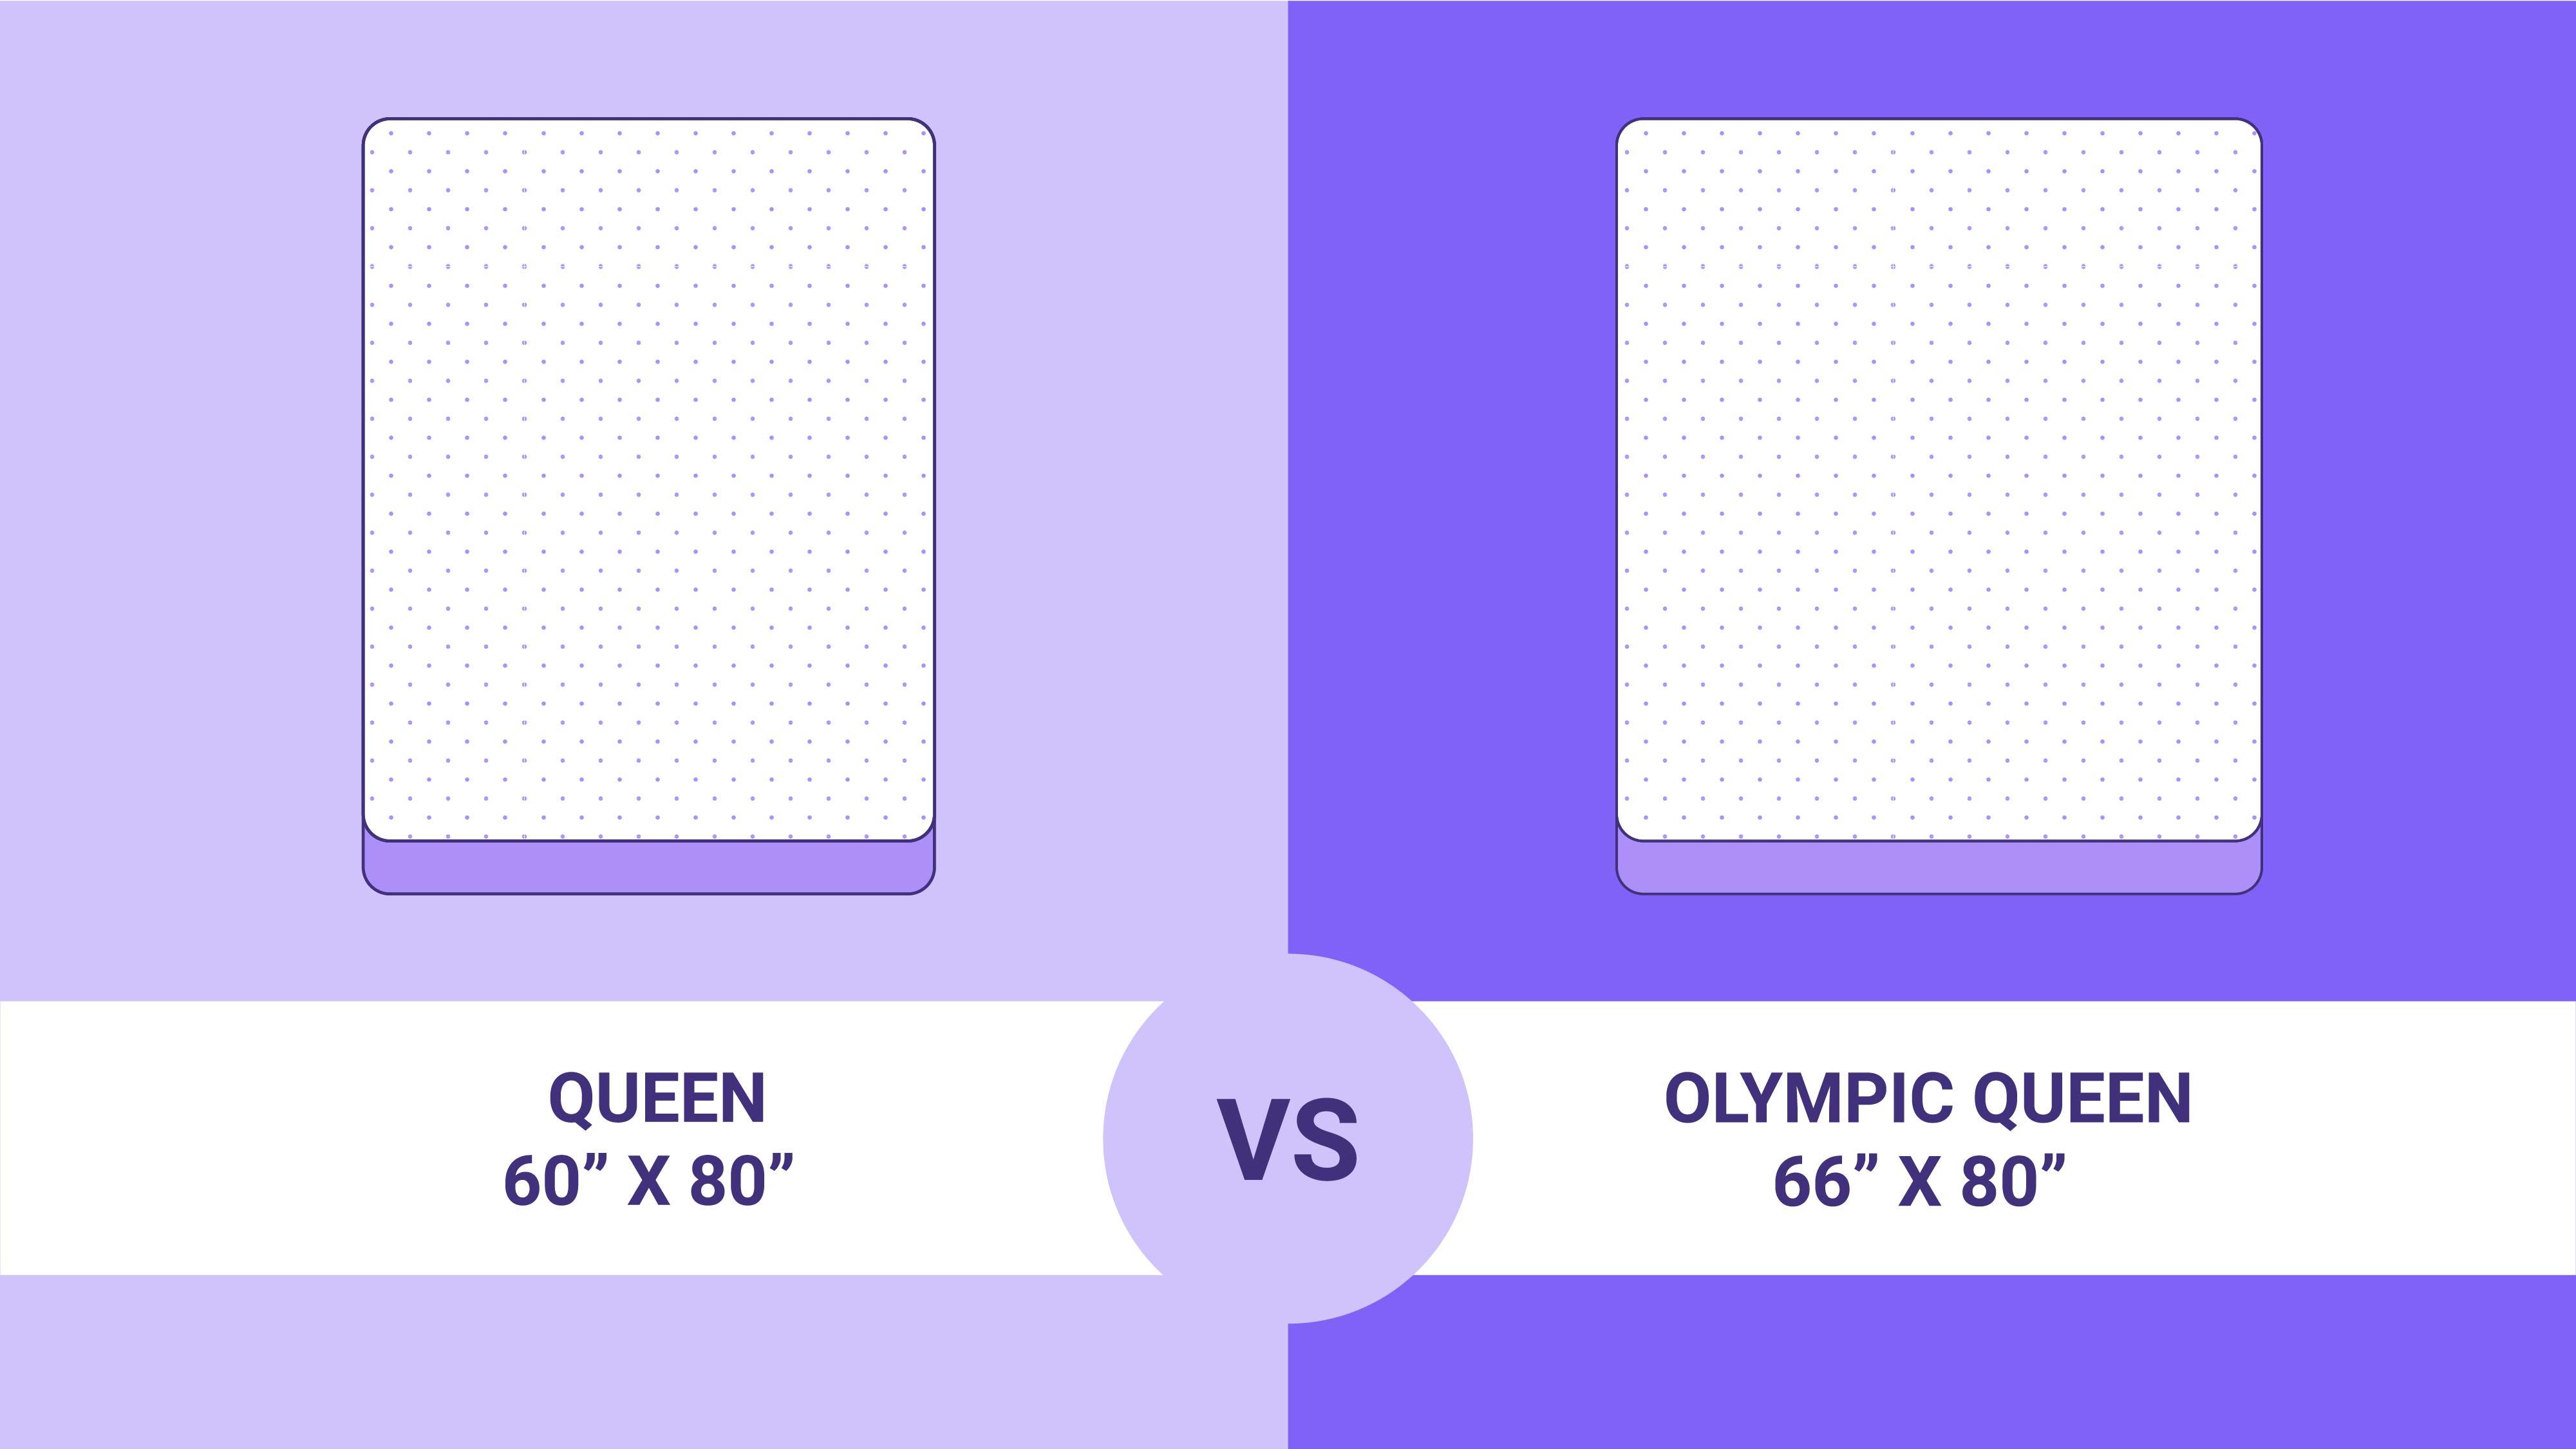 Queen vs Olympic Queen